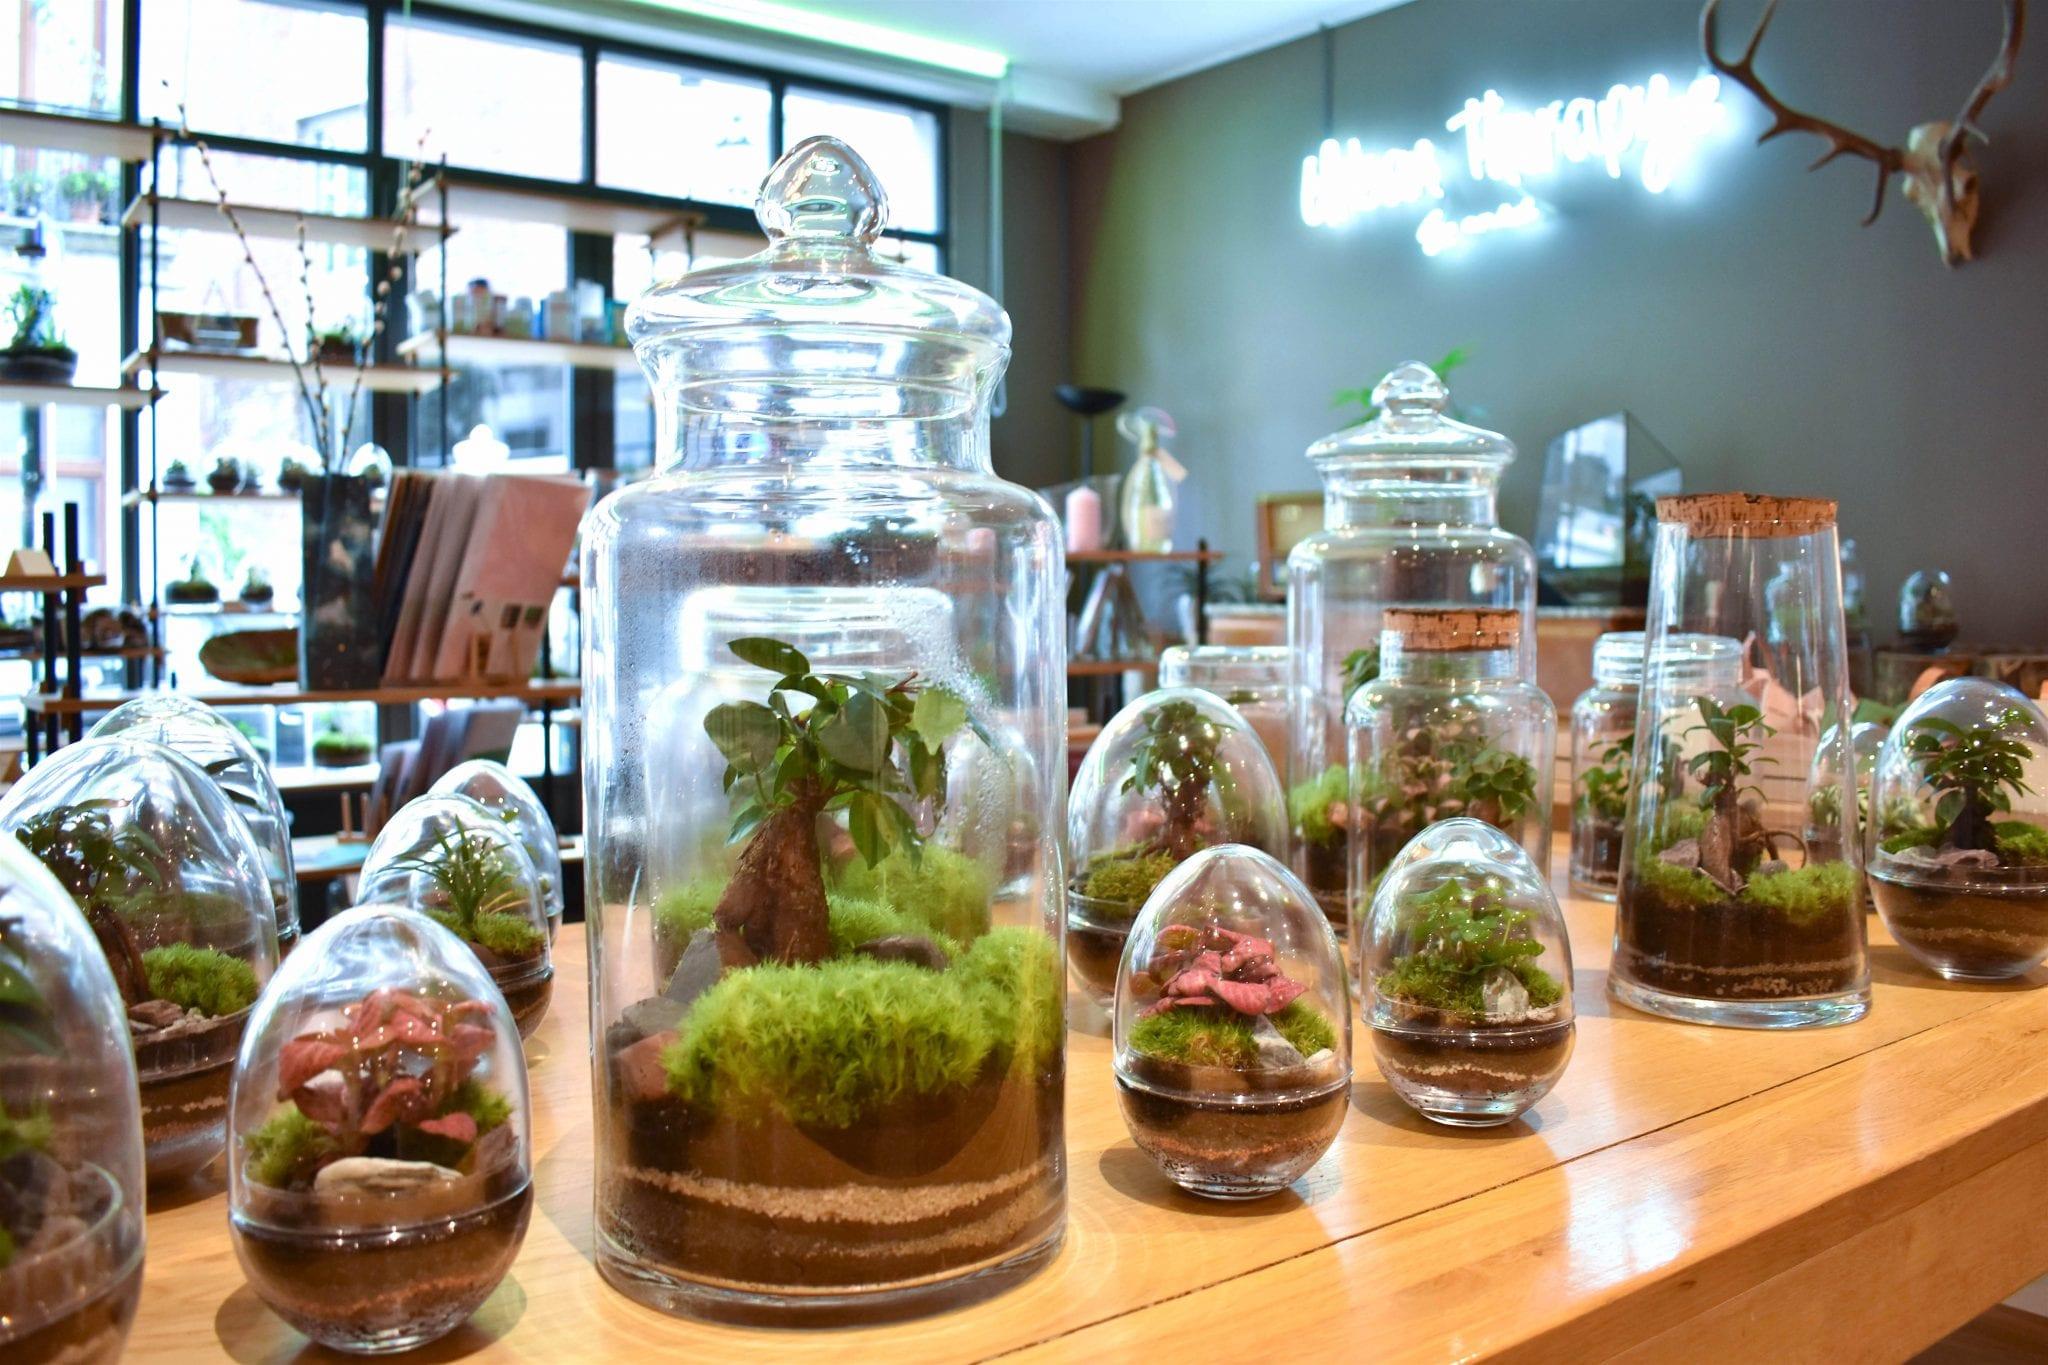 Atmosfera Botanica Urban Therapy - Bruxelles - Le Plume